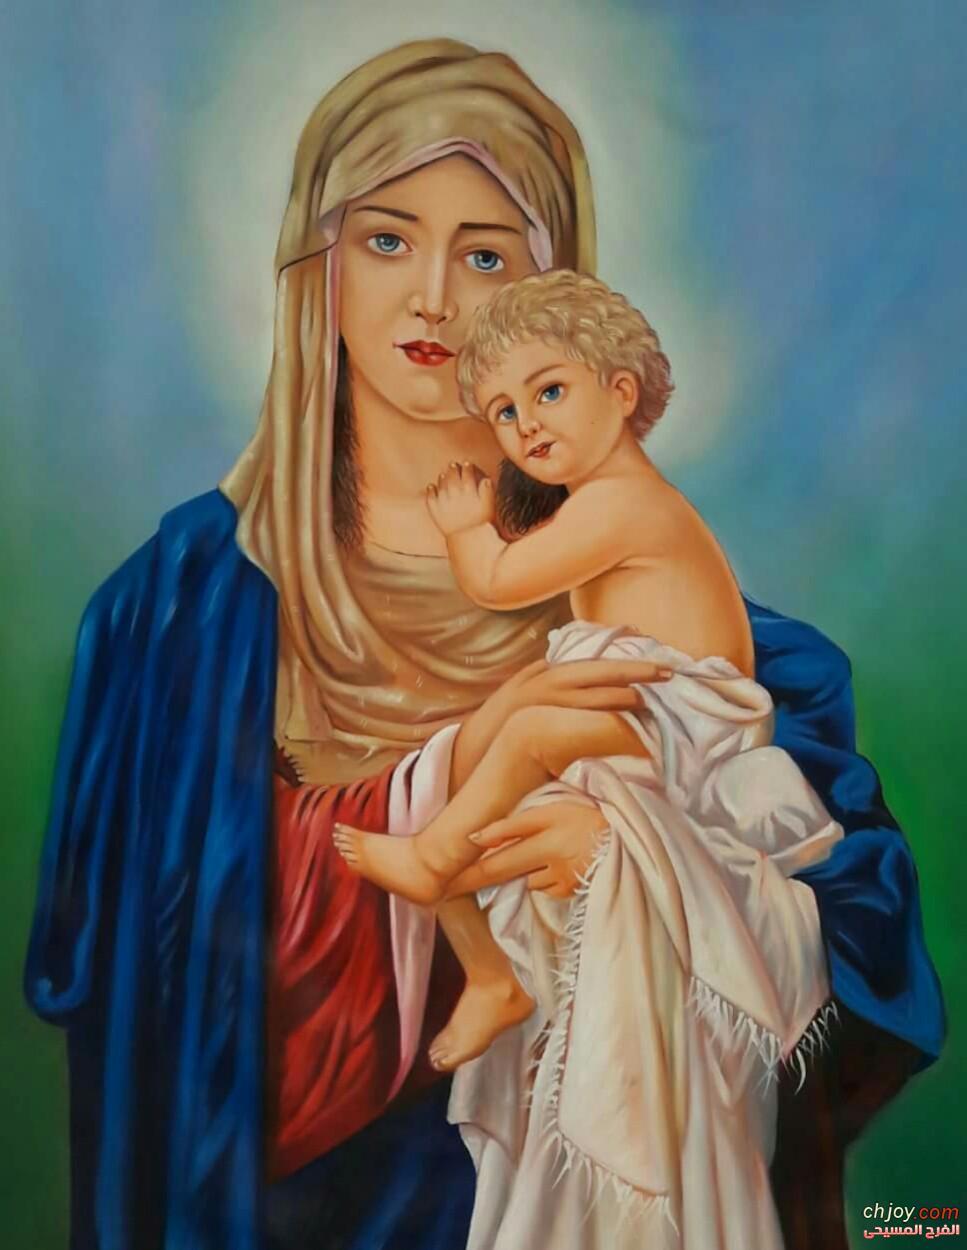 مريم العذراء وابنها الطفل يسوع